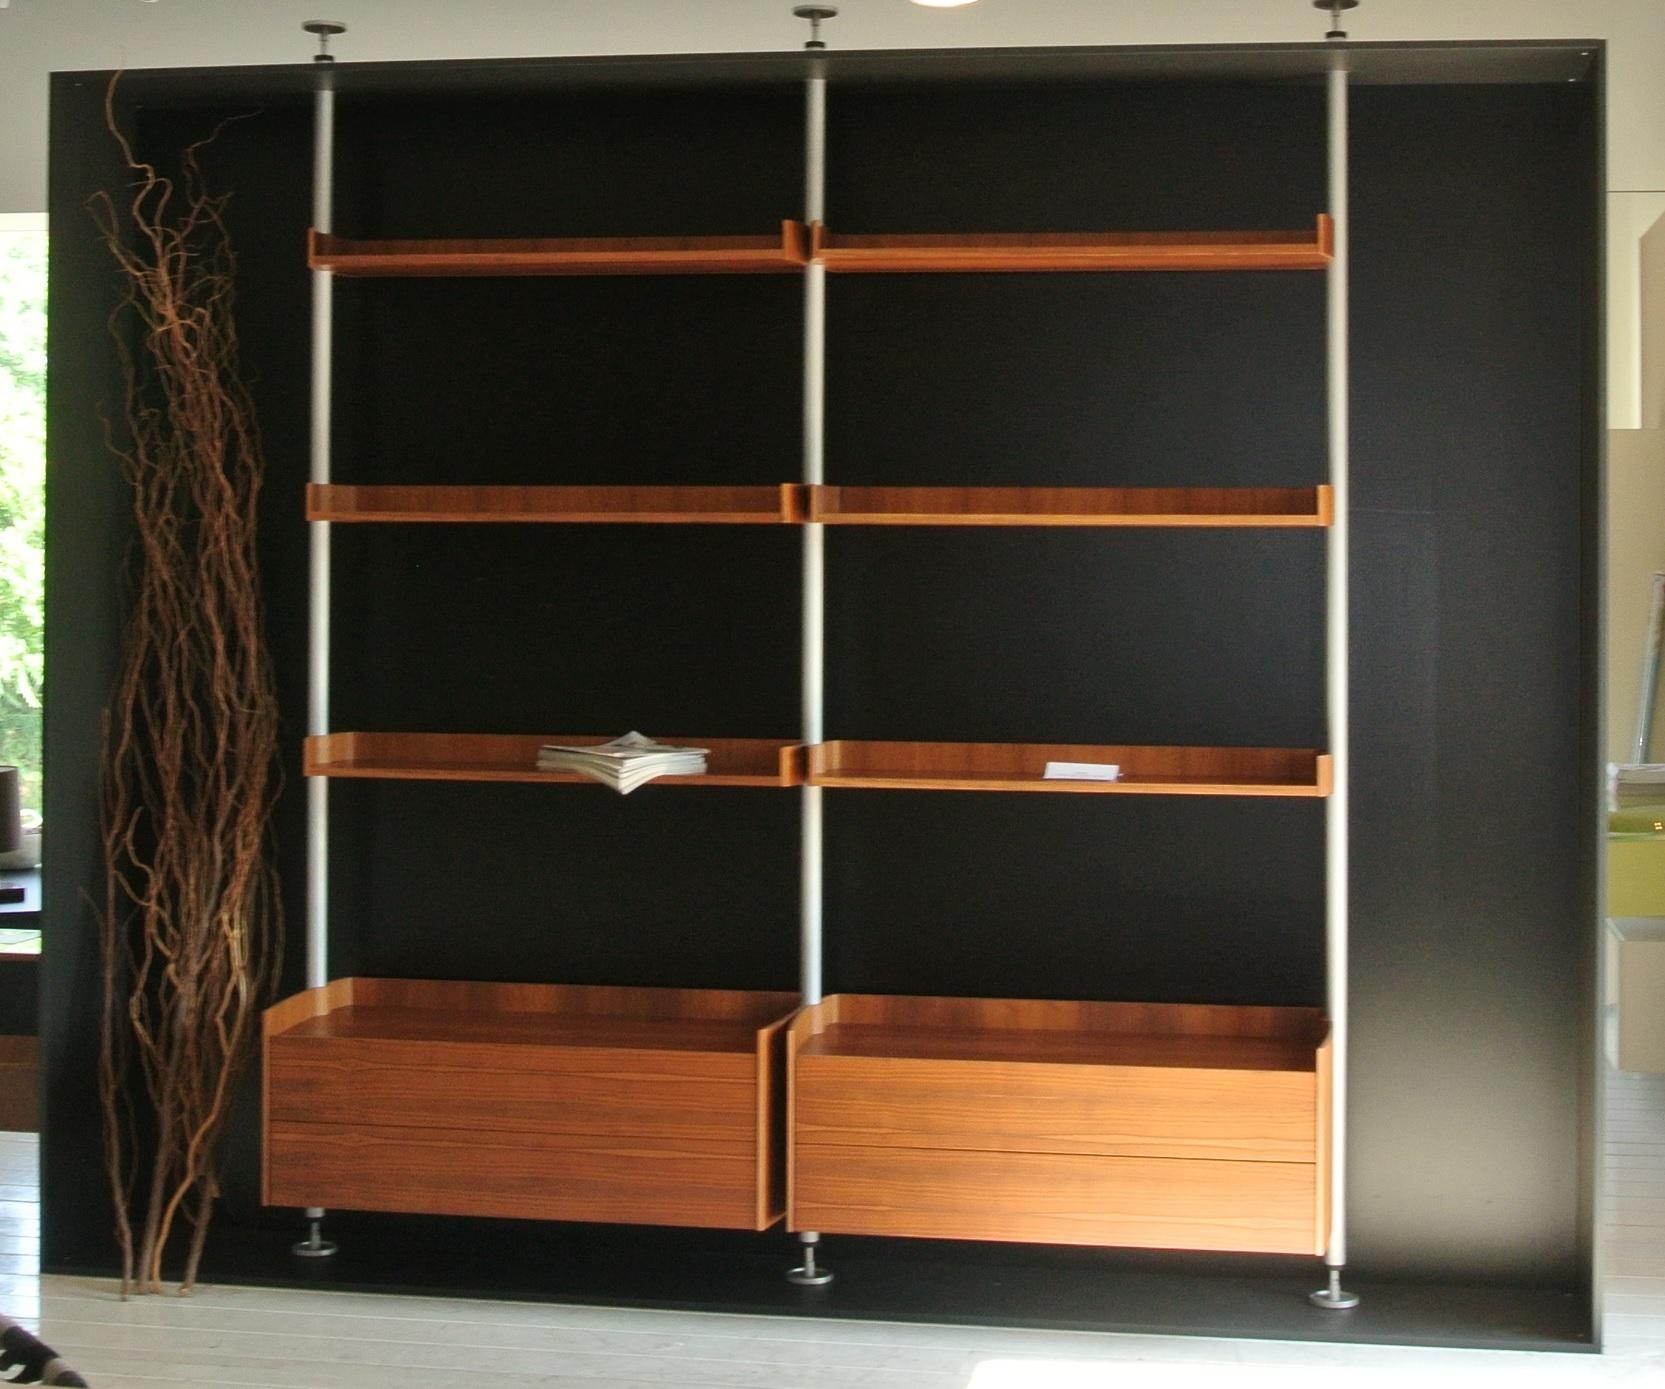 Soggiorno porada ubiqua legno librerie design soggiorni for Librerie design outlet